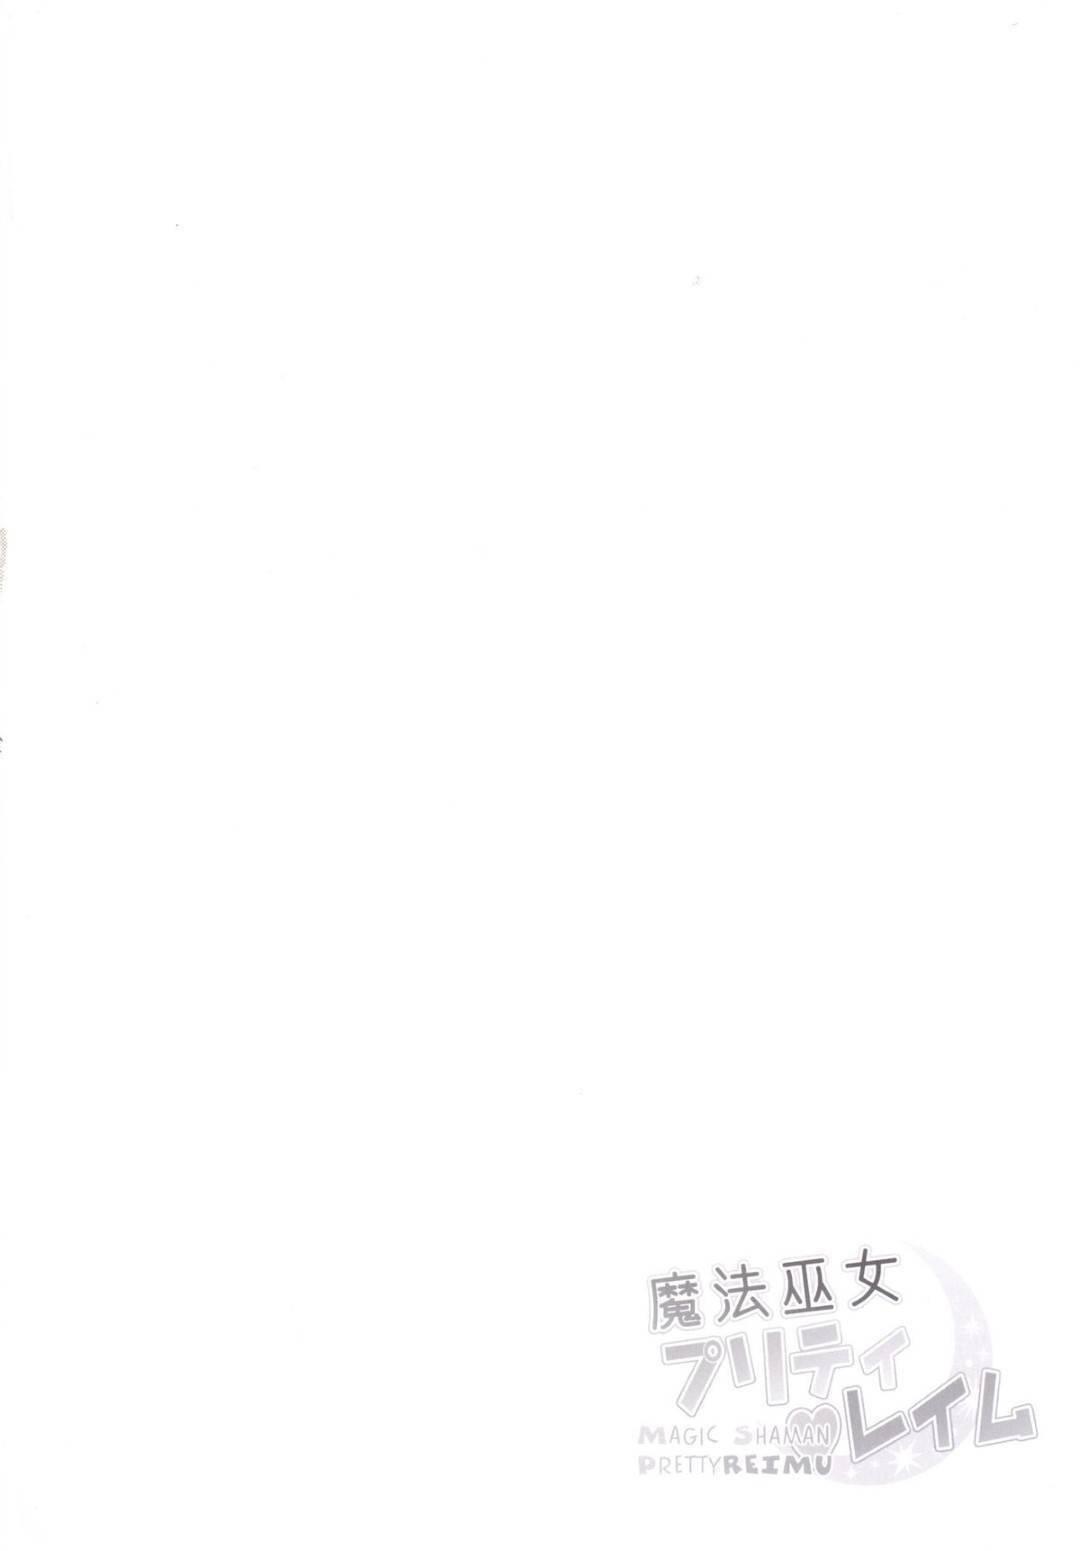 【エロ同人誌】悪霊に魔法が効かずに触手に迫られるプリティレイム…触手に手足がっちり拘束されてしまい、乳首やマンコを責められて、アヘ顔になるまで犯されてしまう!【東方Project】